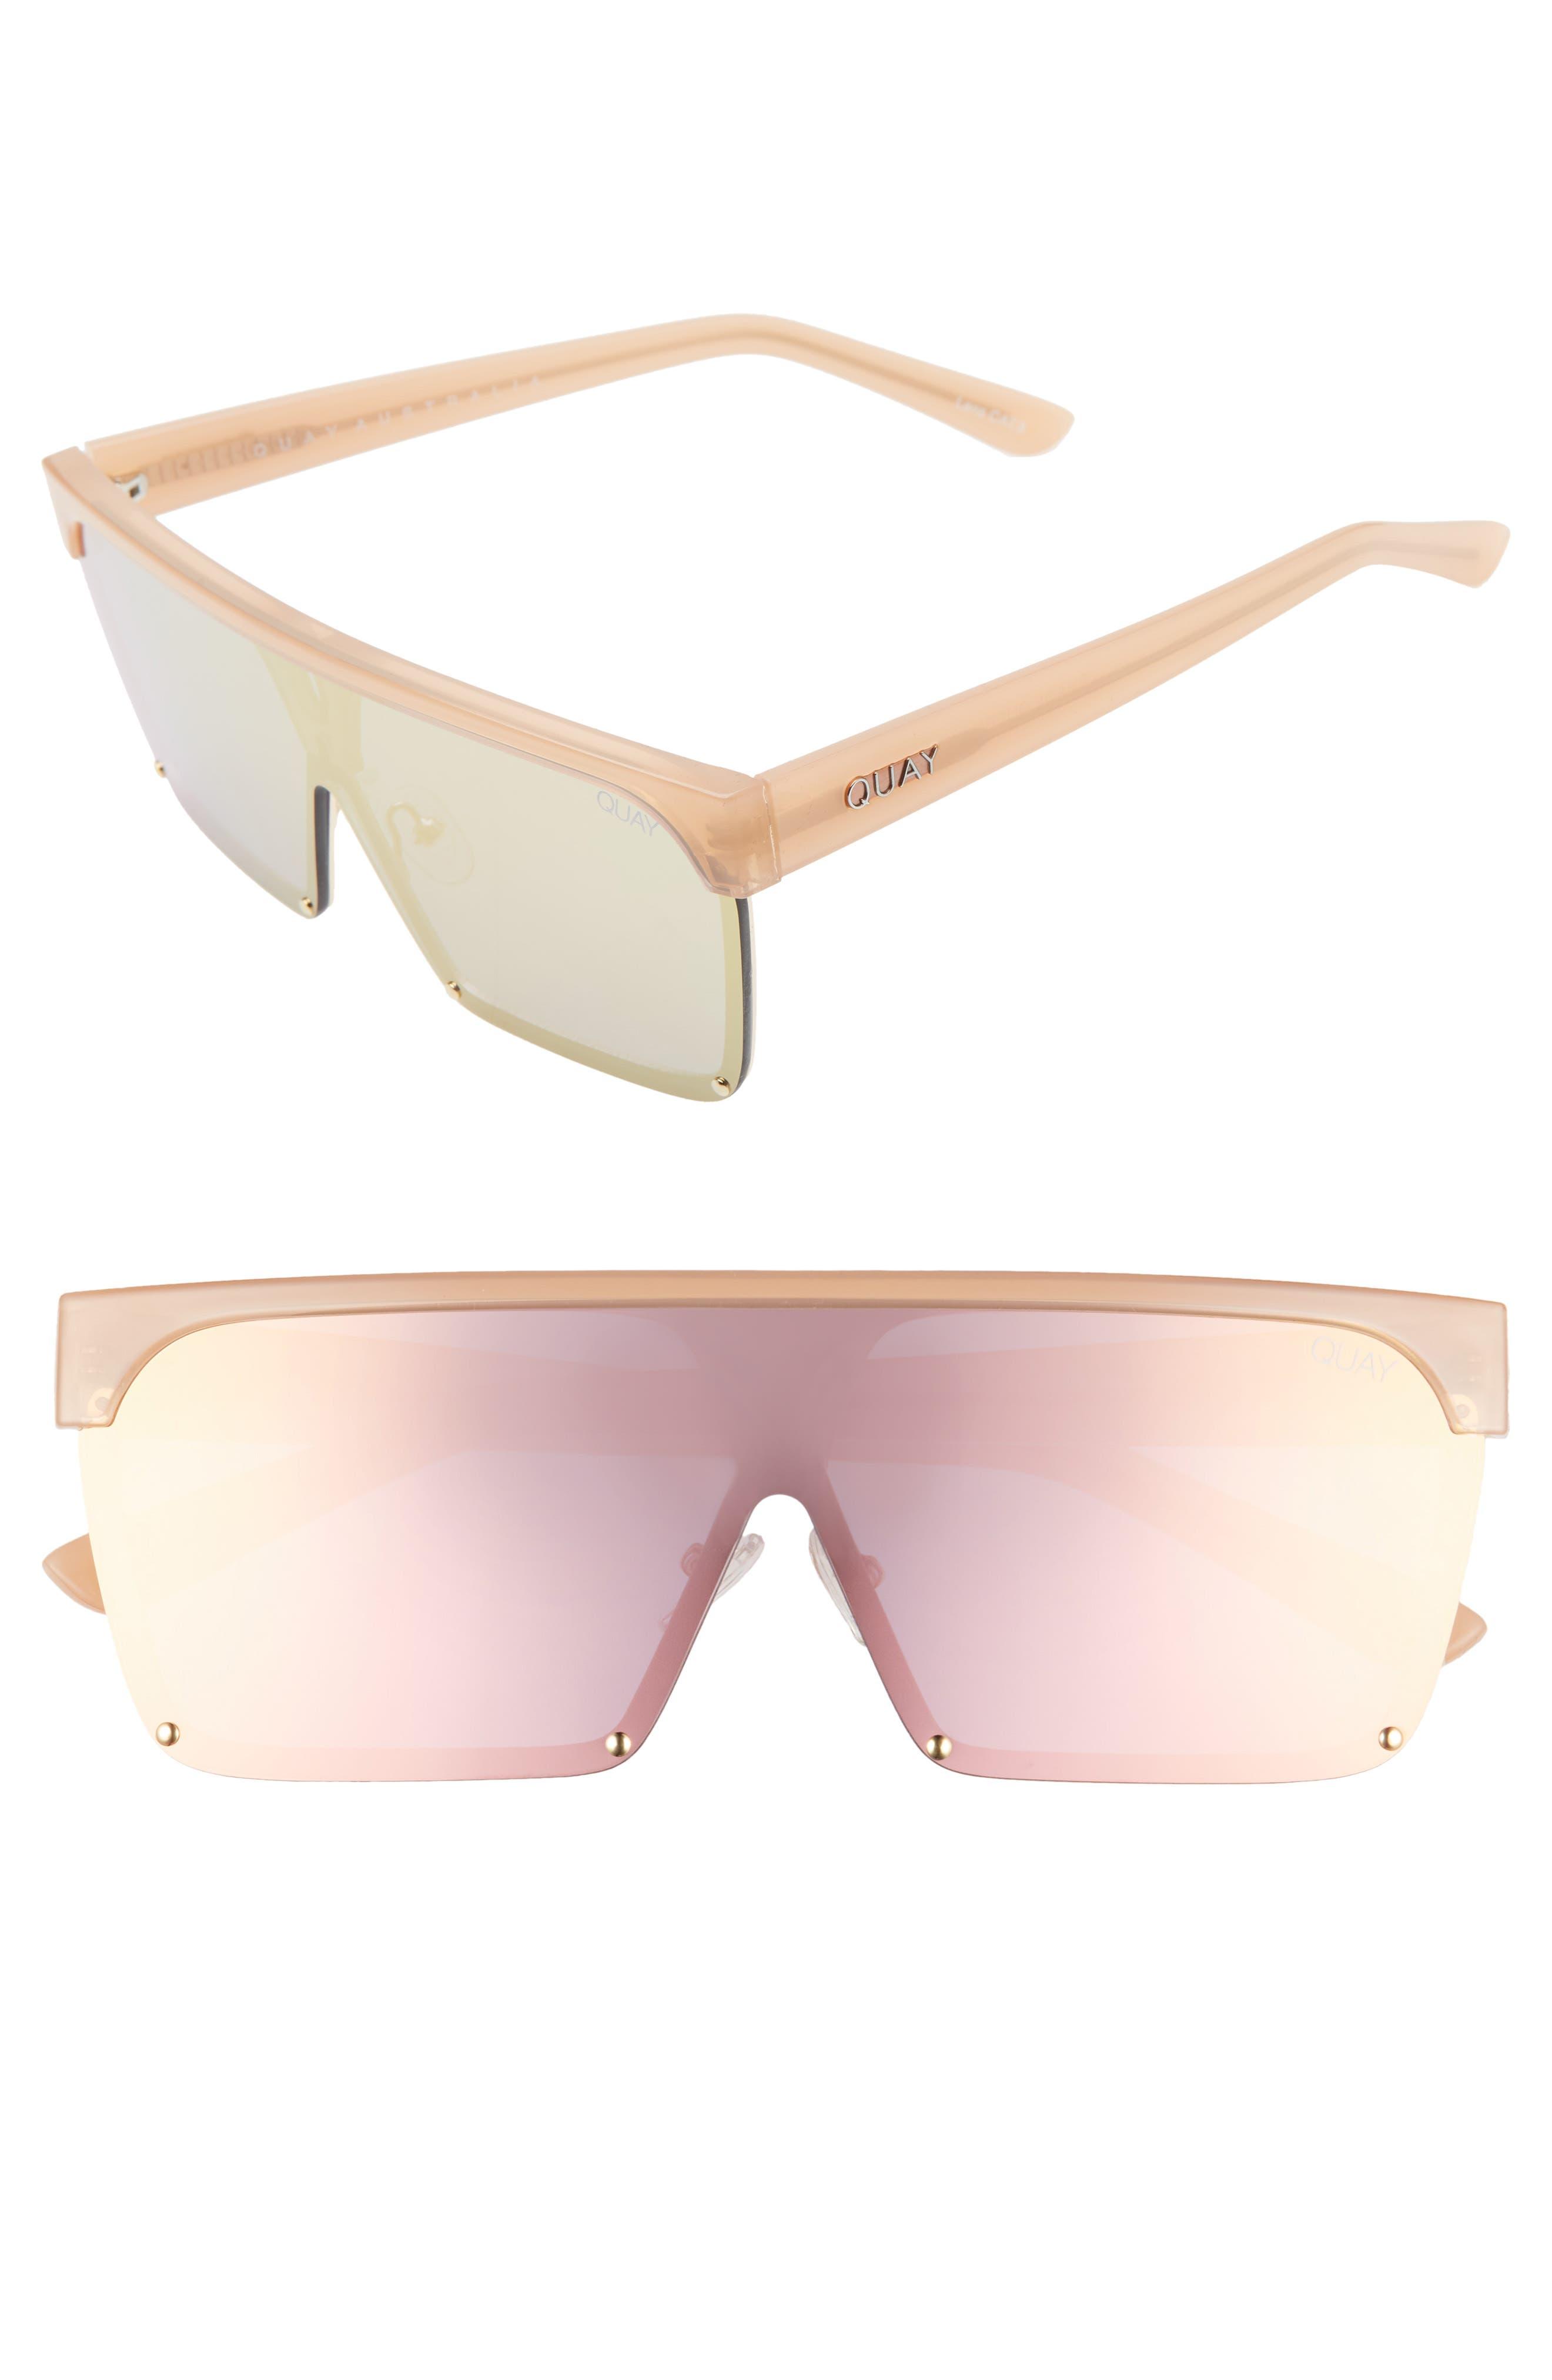 Quay Australia Shade Queen 5m Shield Sunglasses - Peach/ Peach